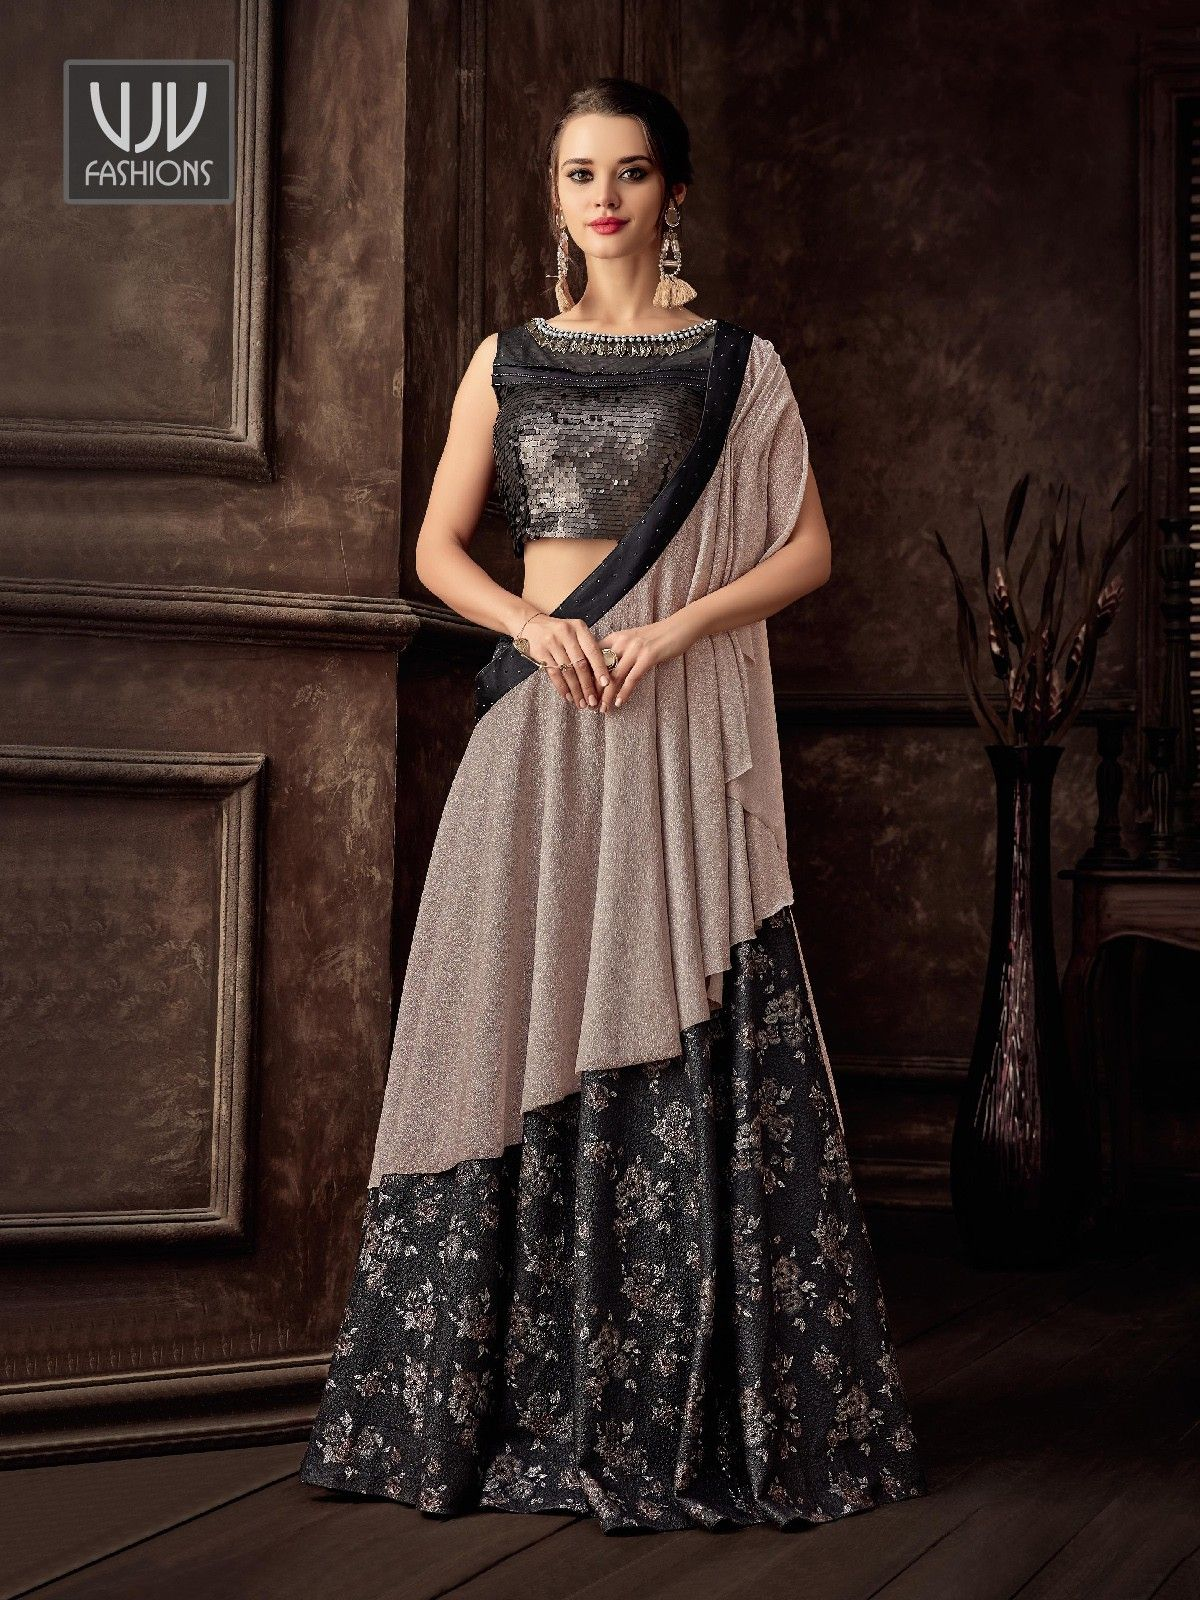 Charming Black Color Jacquard Lehenga Style Saree in 2020 | Lehenga style saree, Lehenga style ...